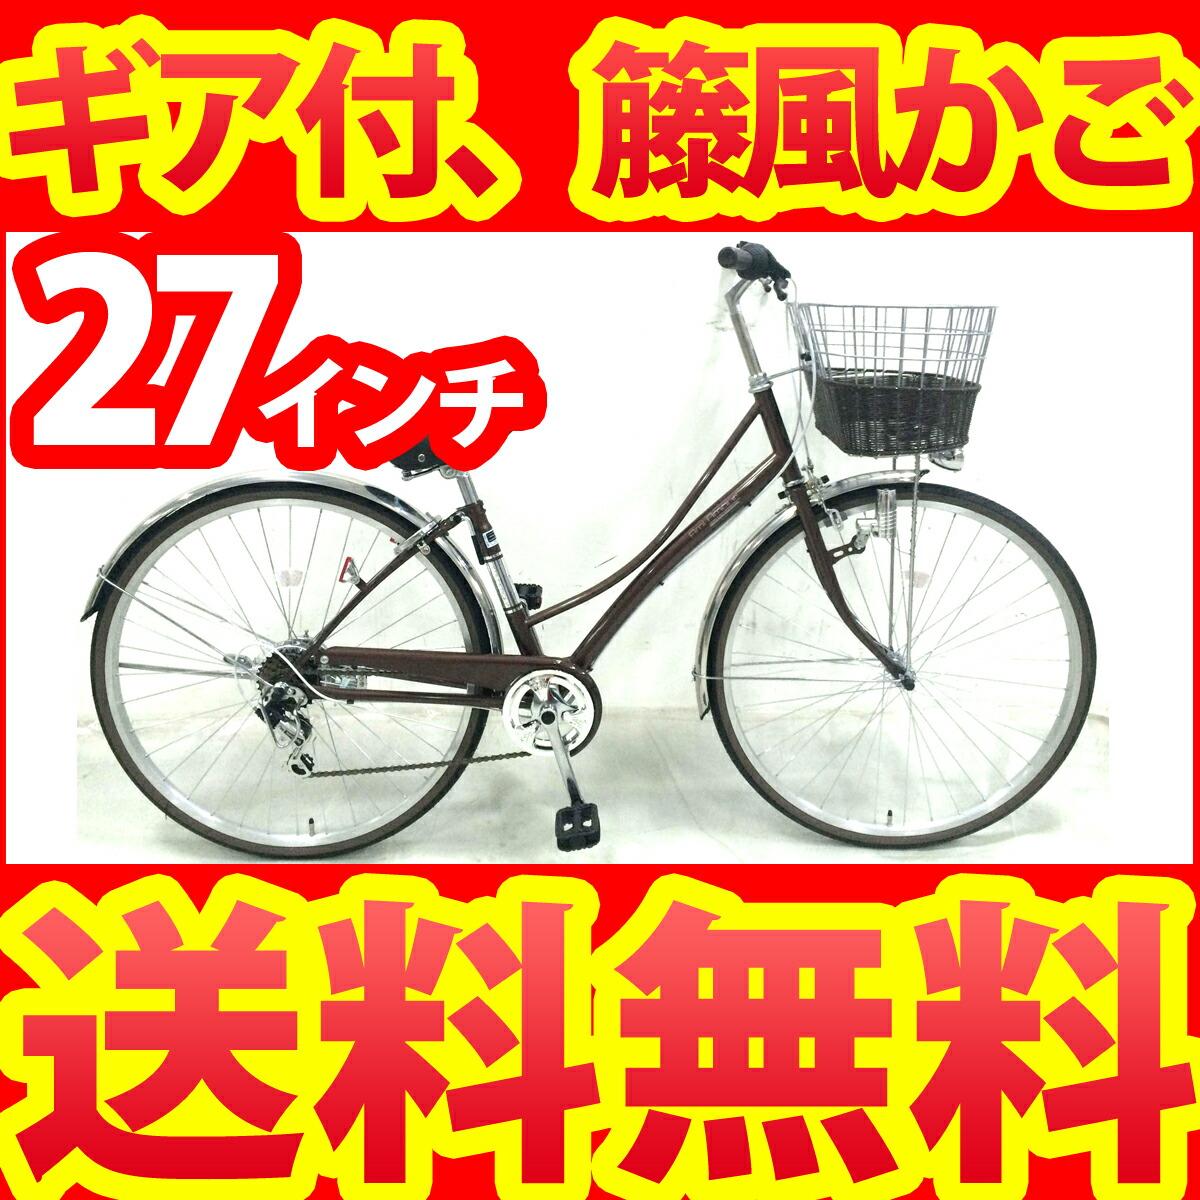 自転車で人気 Ami Amore アミアムール シティサイクル ブラウン/茶色 通勤 通学に最適 27インチ シティ車 外装6段ギア LEDダイナモ 籐風かご ママチャリ 02P03Dec16